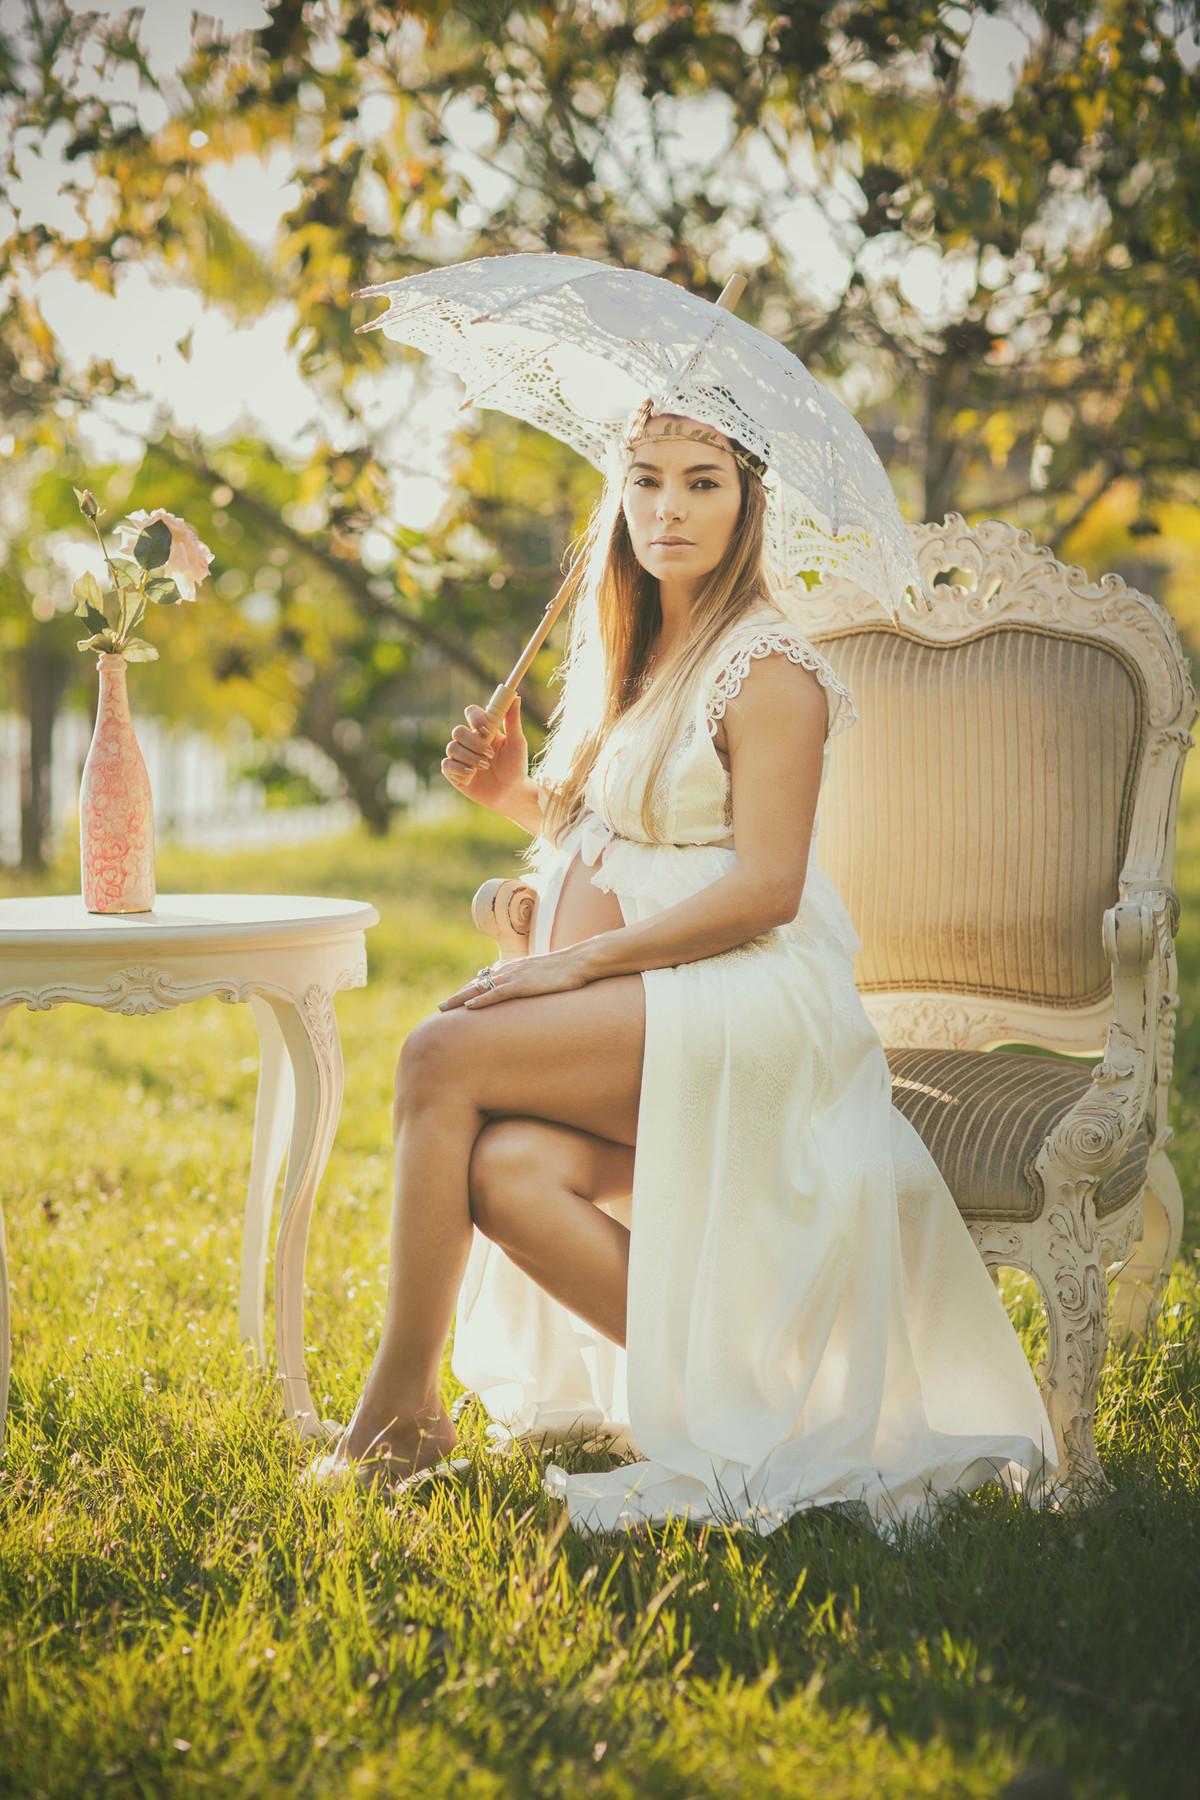 Grávida sentada em cadeira clássica usando um vestido branco e sombrinha de renda branca. Fotografado pelo fotógrafo de gestantes Rafael Ohana em Manaus-AM